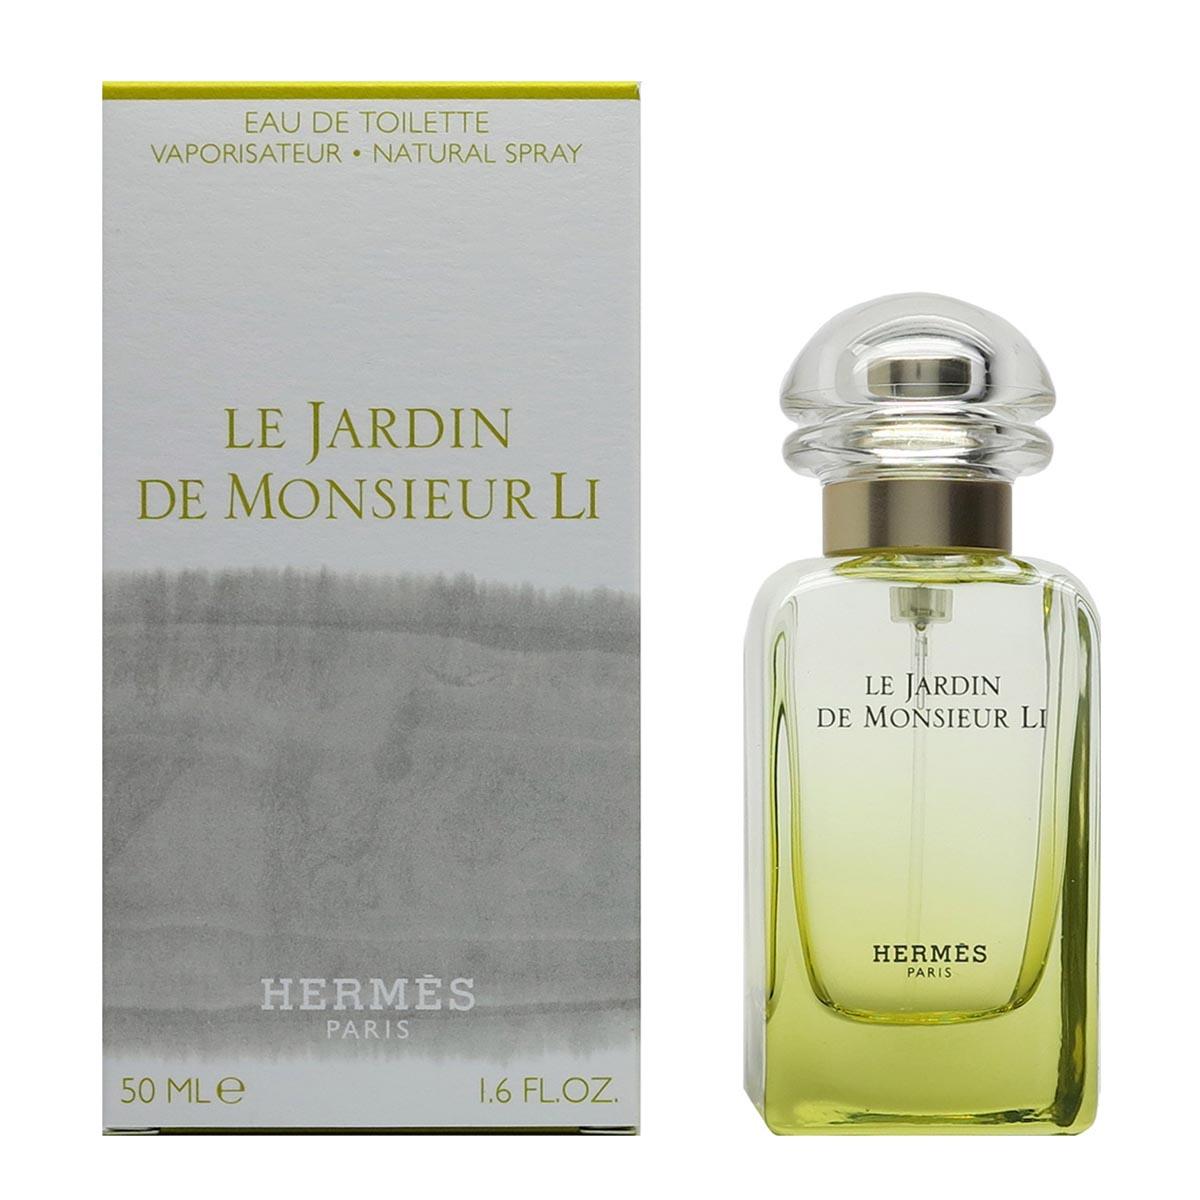 Hermes le jardin de monsieur li eau de toilette 50ml vaporizador